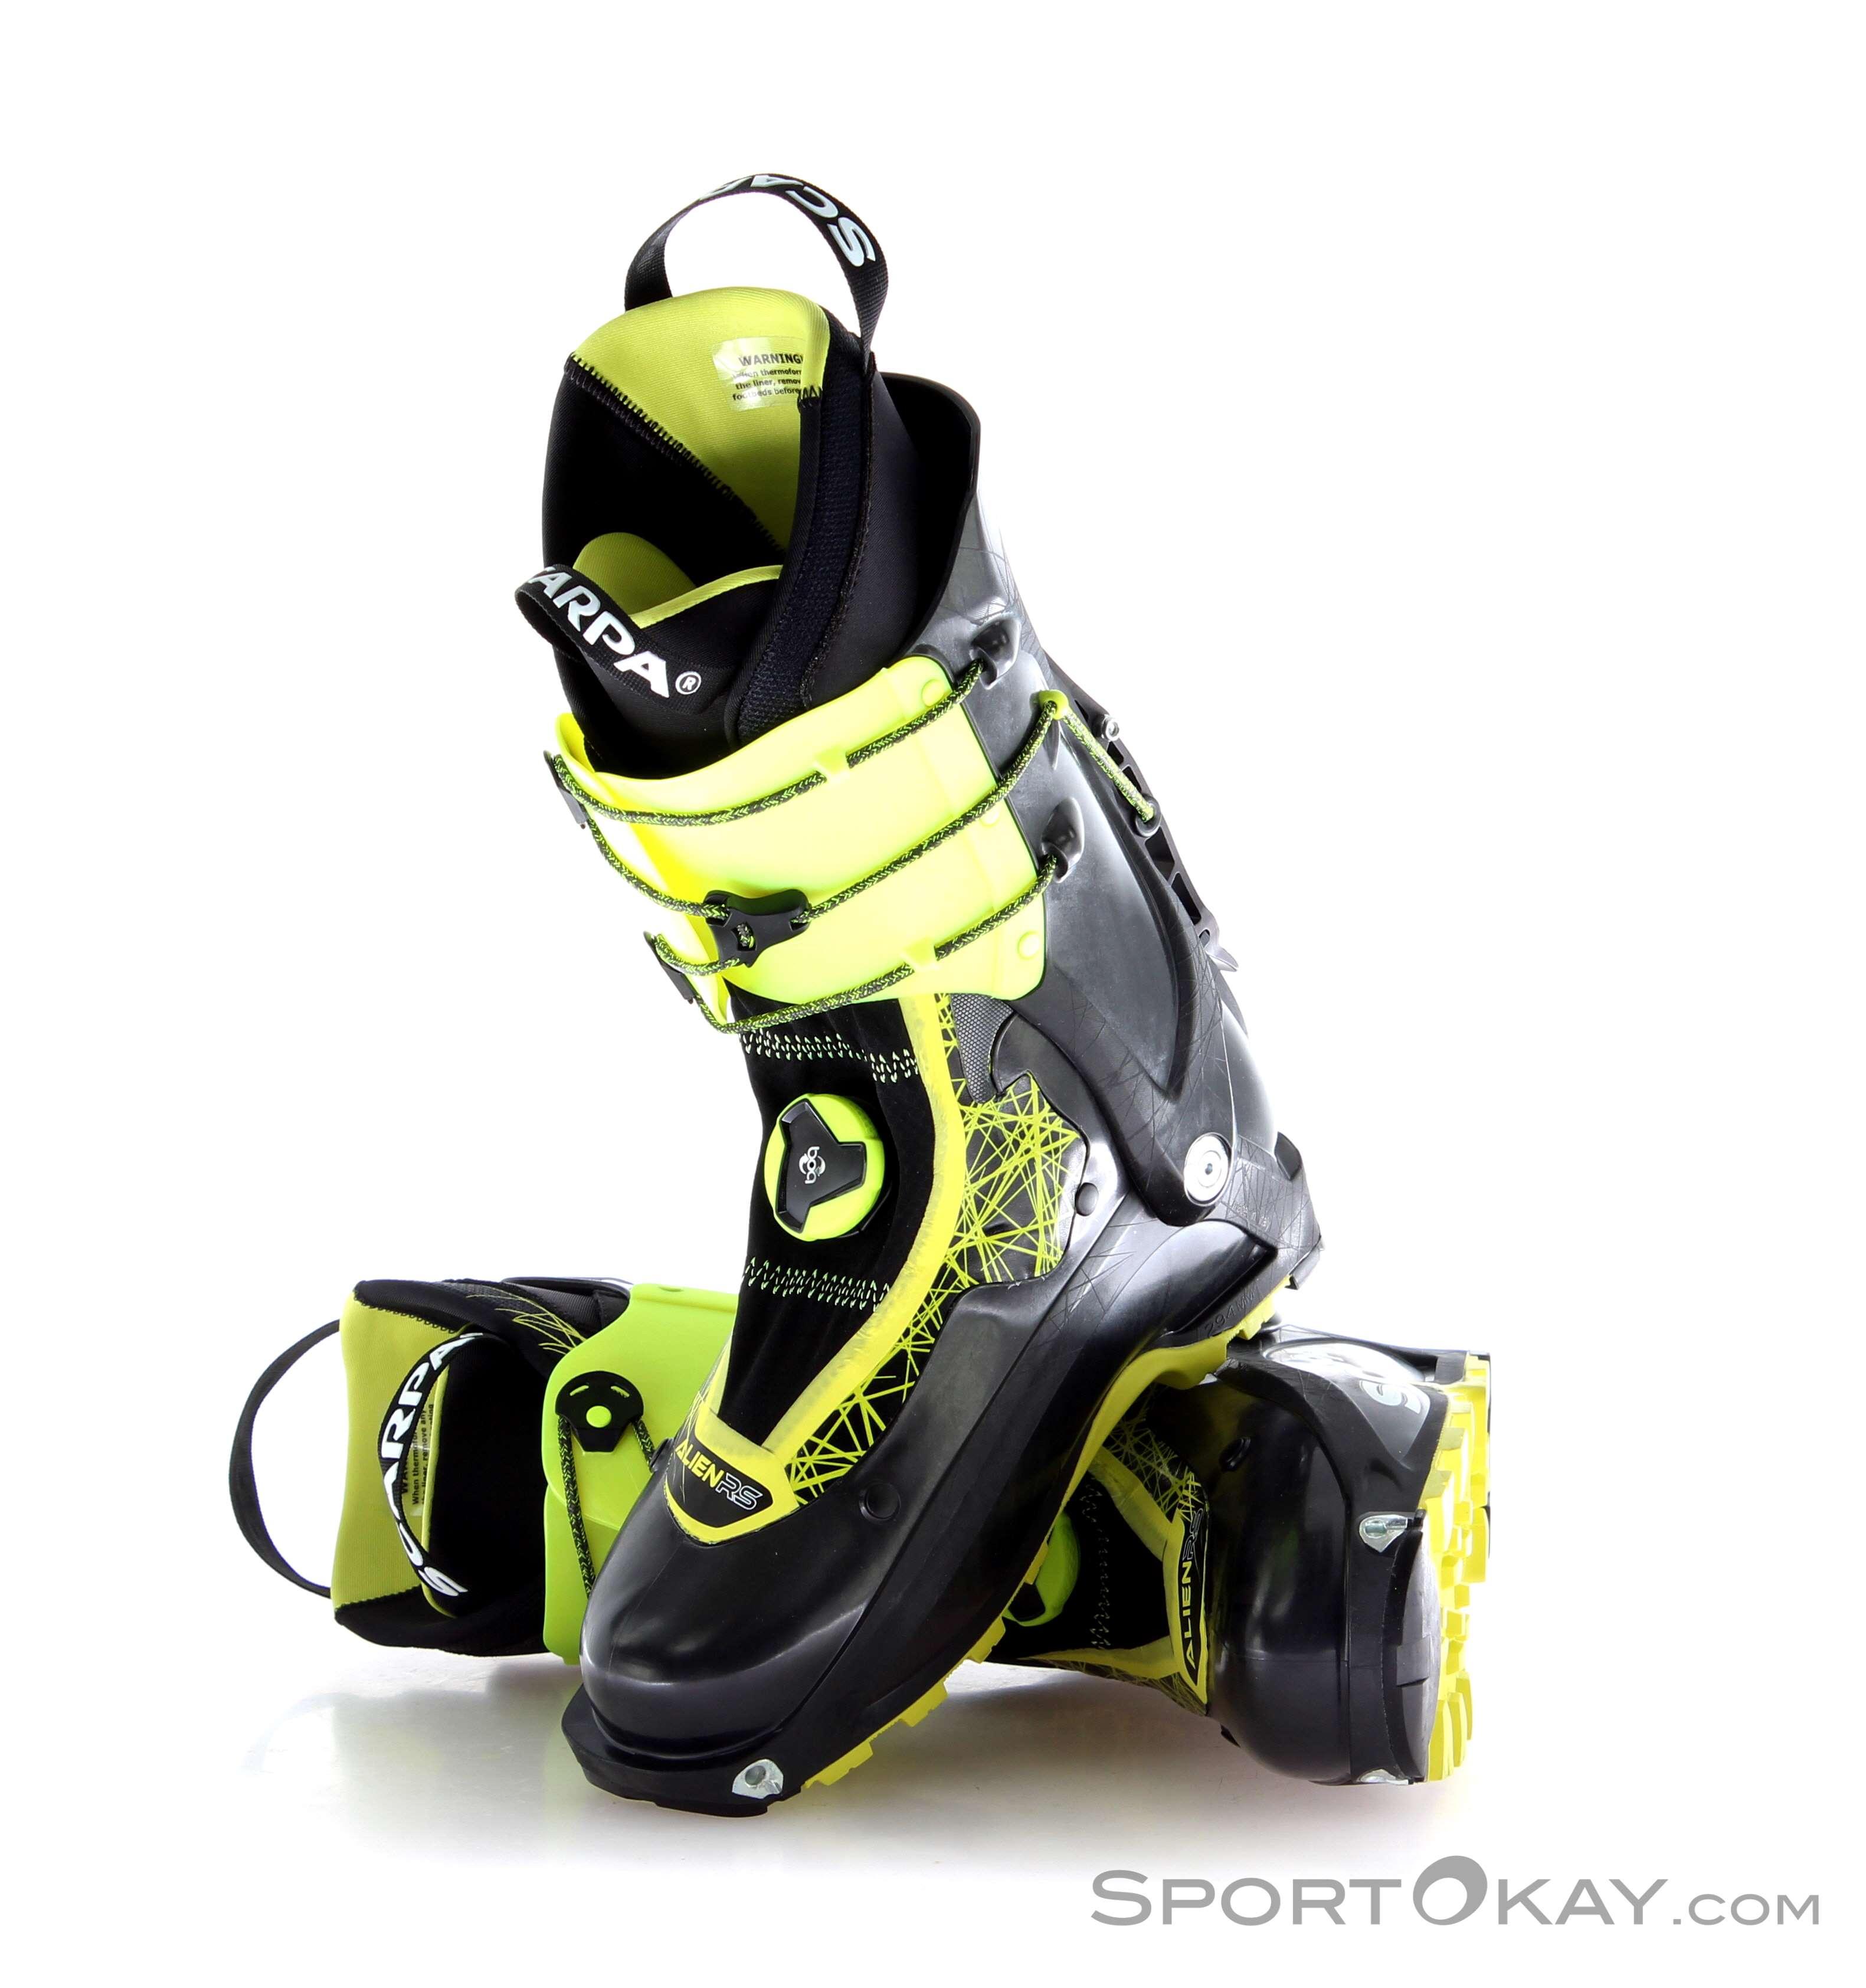 online store 8a5d7 cb567 Scarpa Scarpa Alien RS Scarponi da Sci Alpinismo